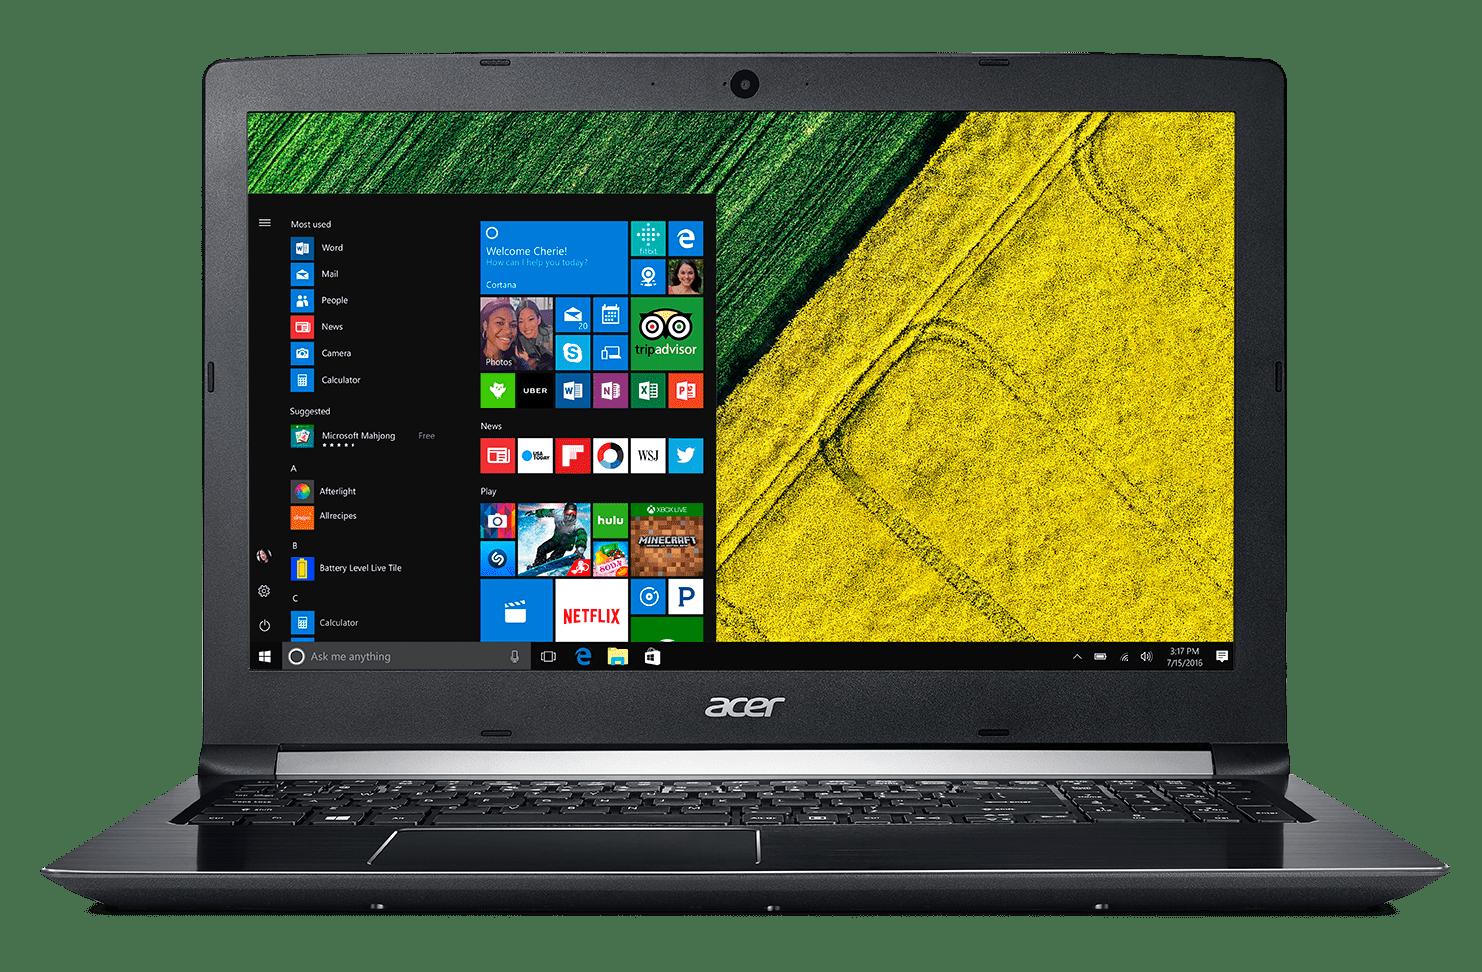 """Acer Aspire 5 A515-51-75UY, 15.6"""" Full HD (1920 x 1080), 7th Gen Intel Core i7-7500U, 8GB DDR4, 1TB HDD,... by Acer"""